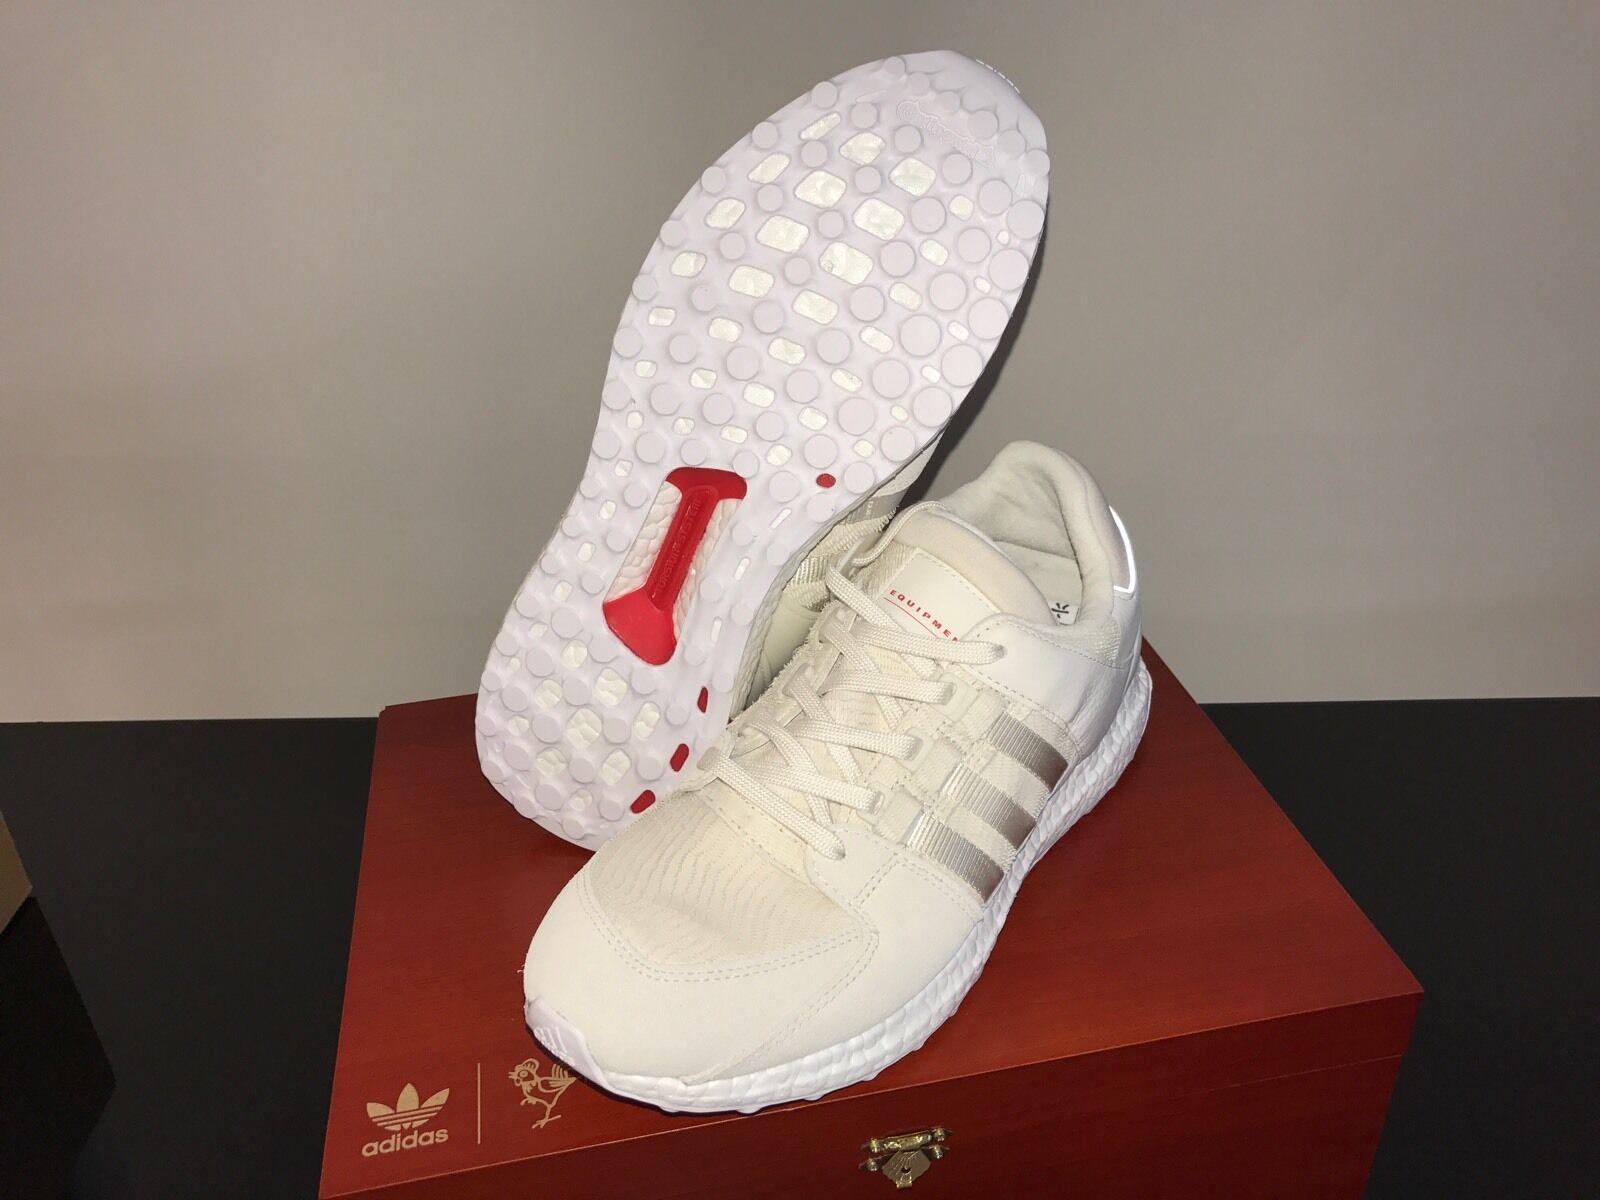 Adidas eqt sostegno ultra impulso cny il capodanno cinese (ba7777 sz)